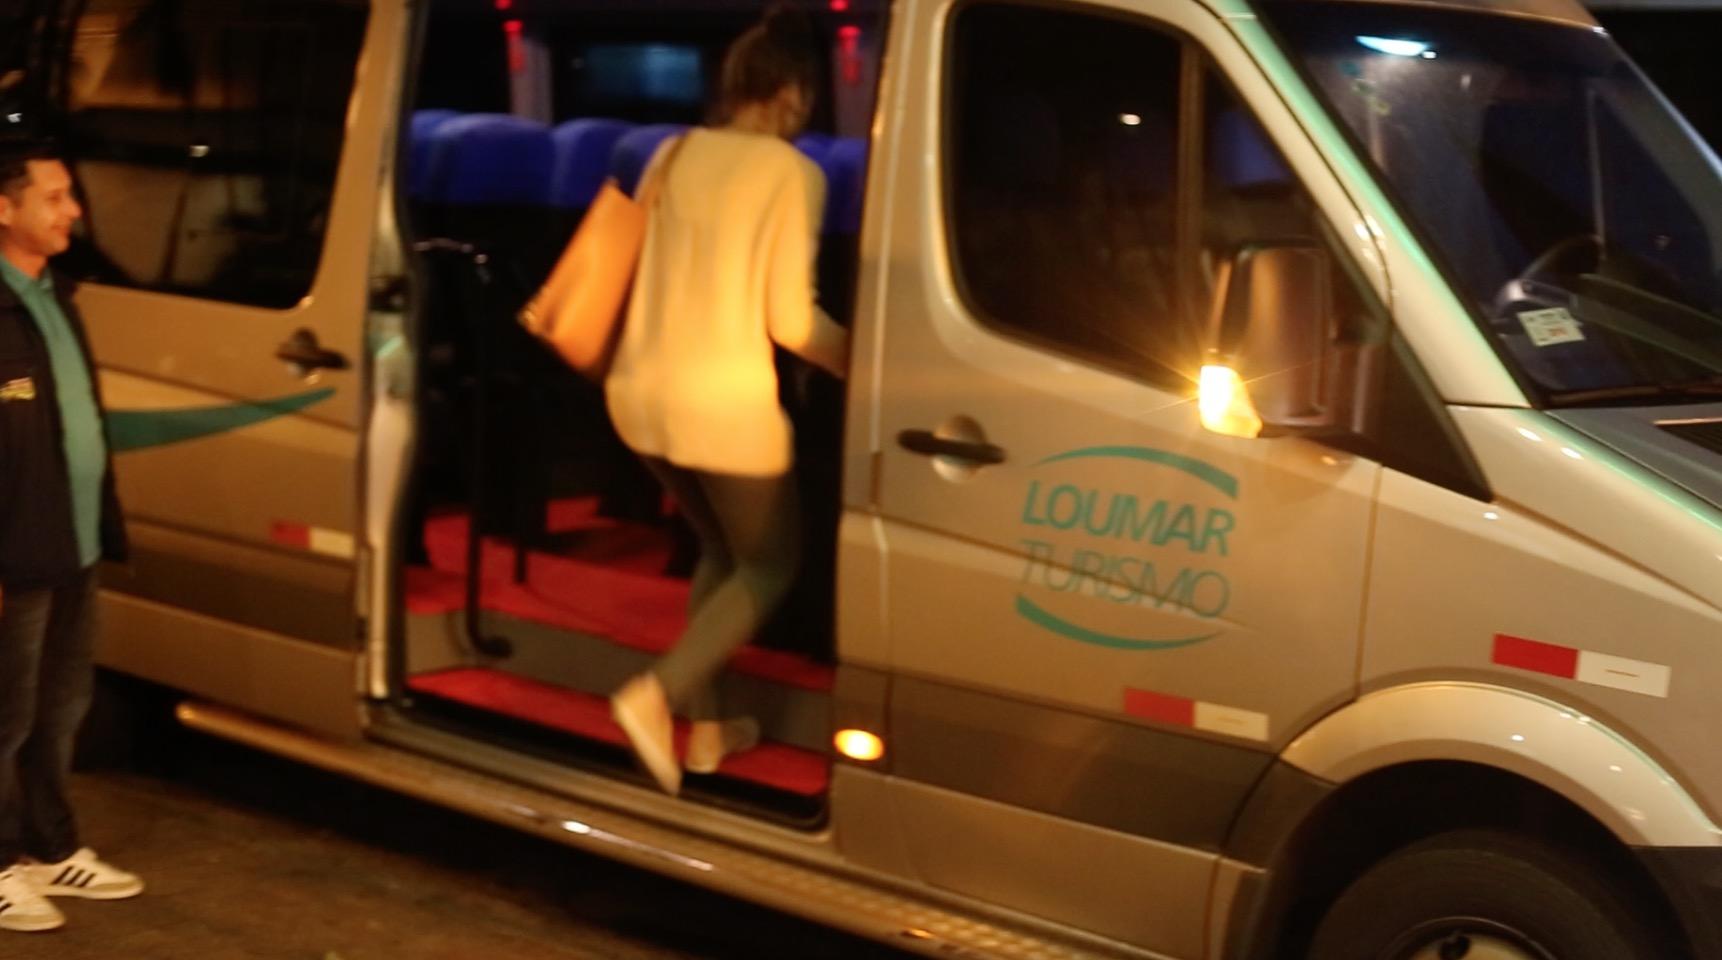 Os transportes da Loumar são realizados em vans modernas. | Foto: Garon Piceli